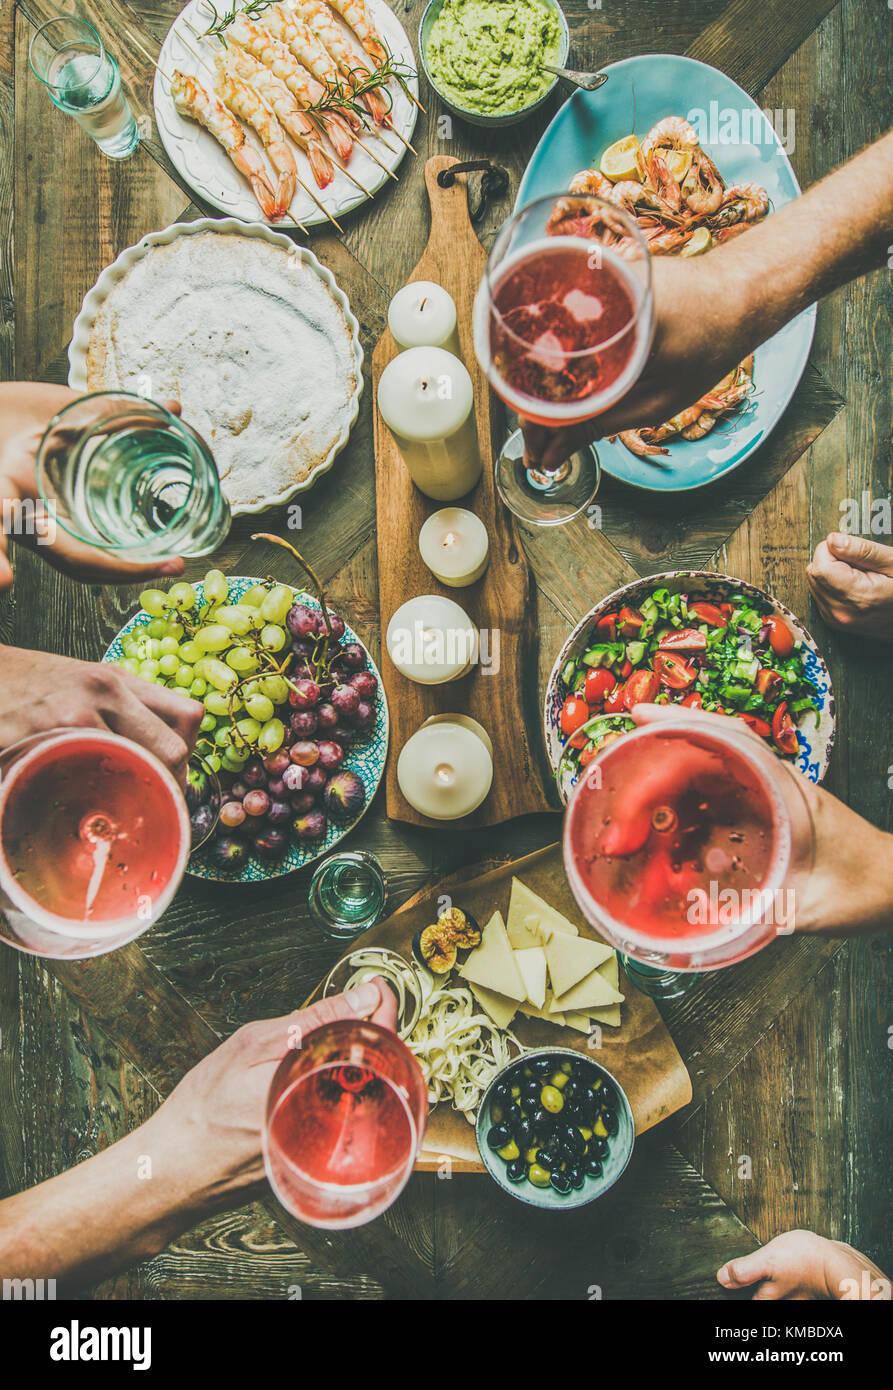 Per la festa di santa messa in tavola con antipasti, vista dall'alto Immagini Stock